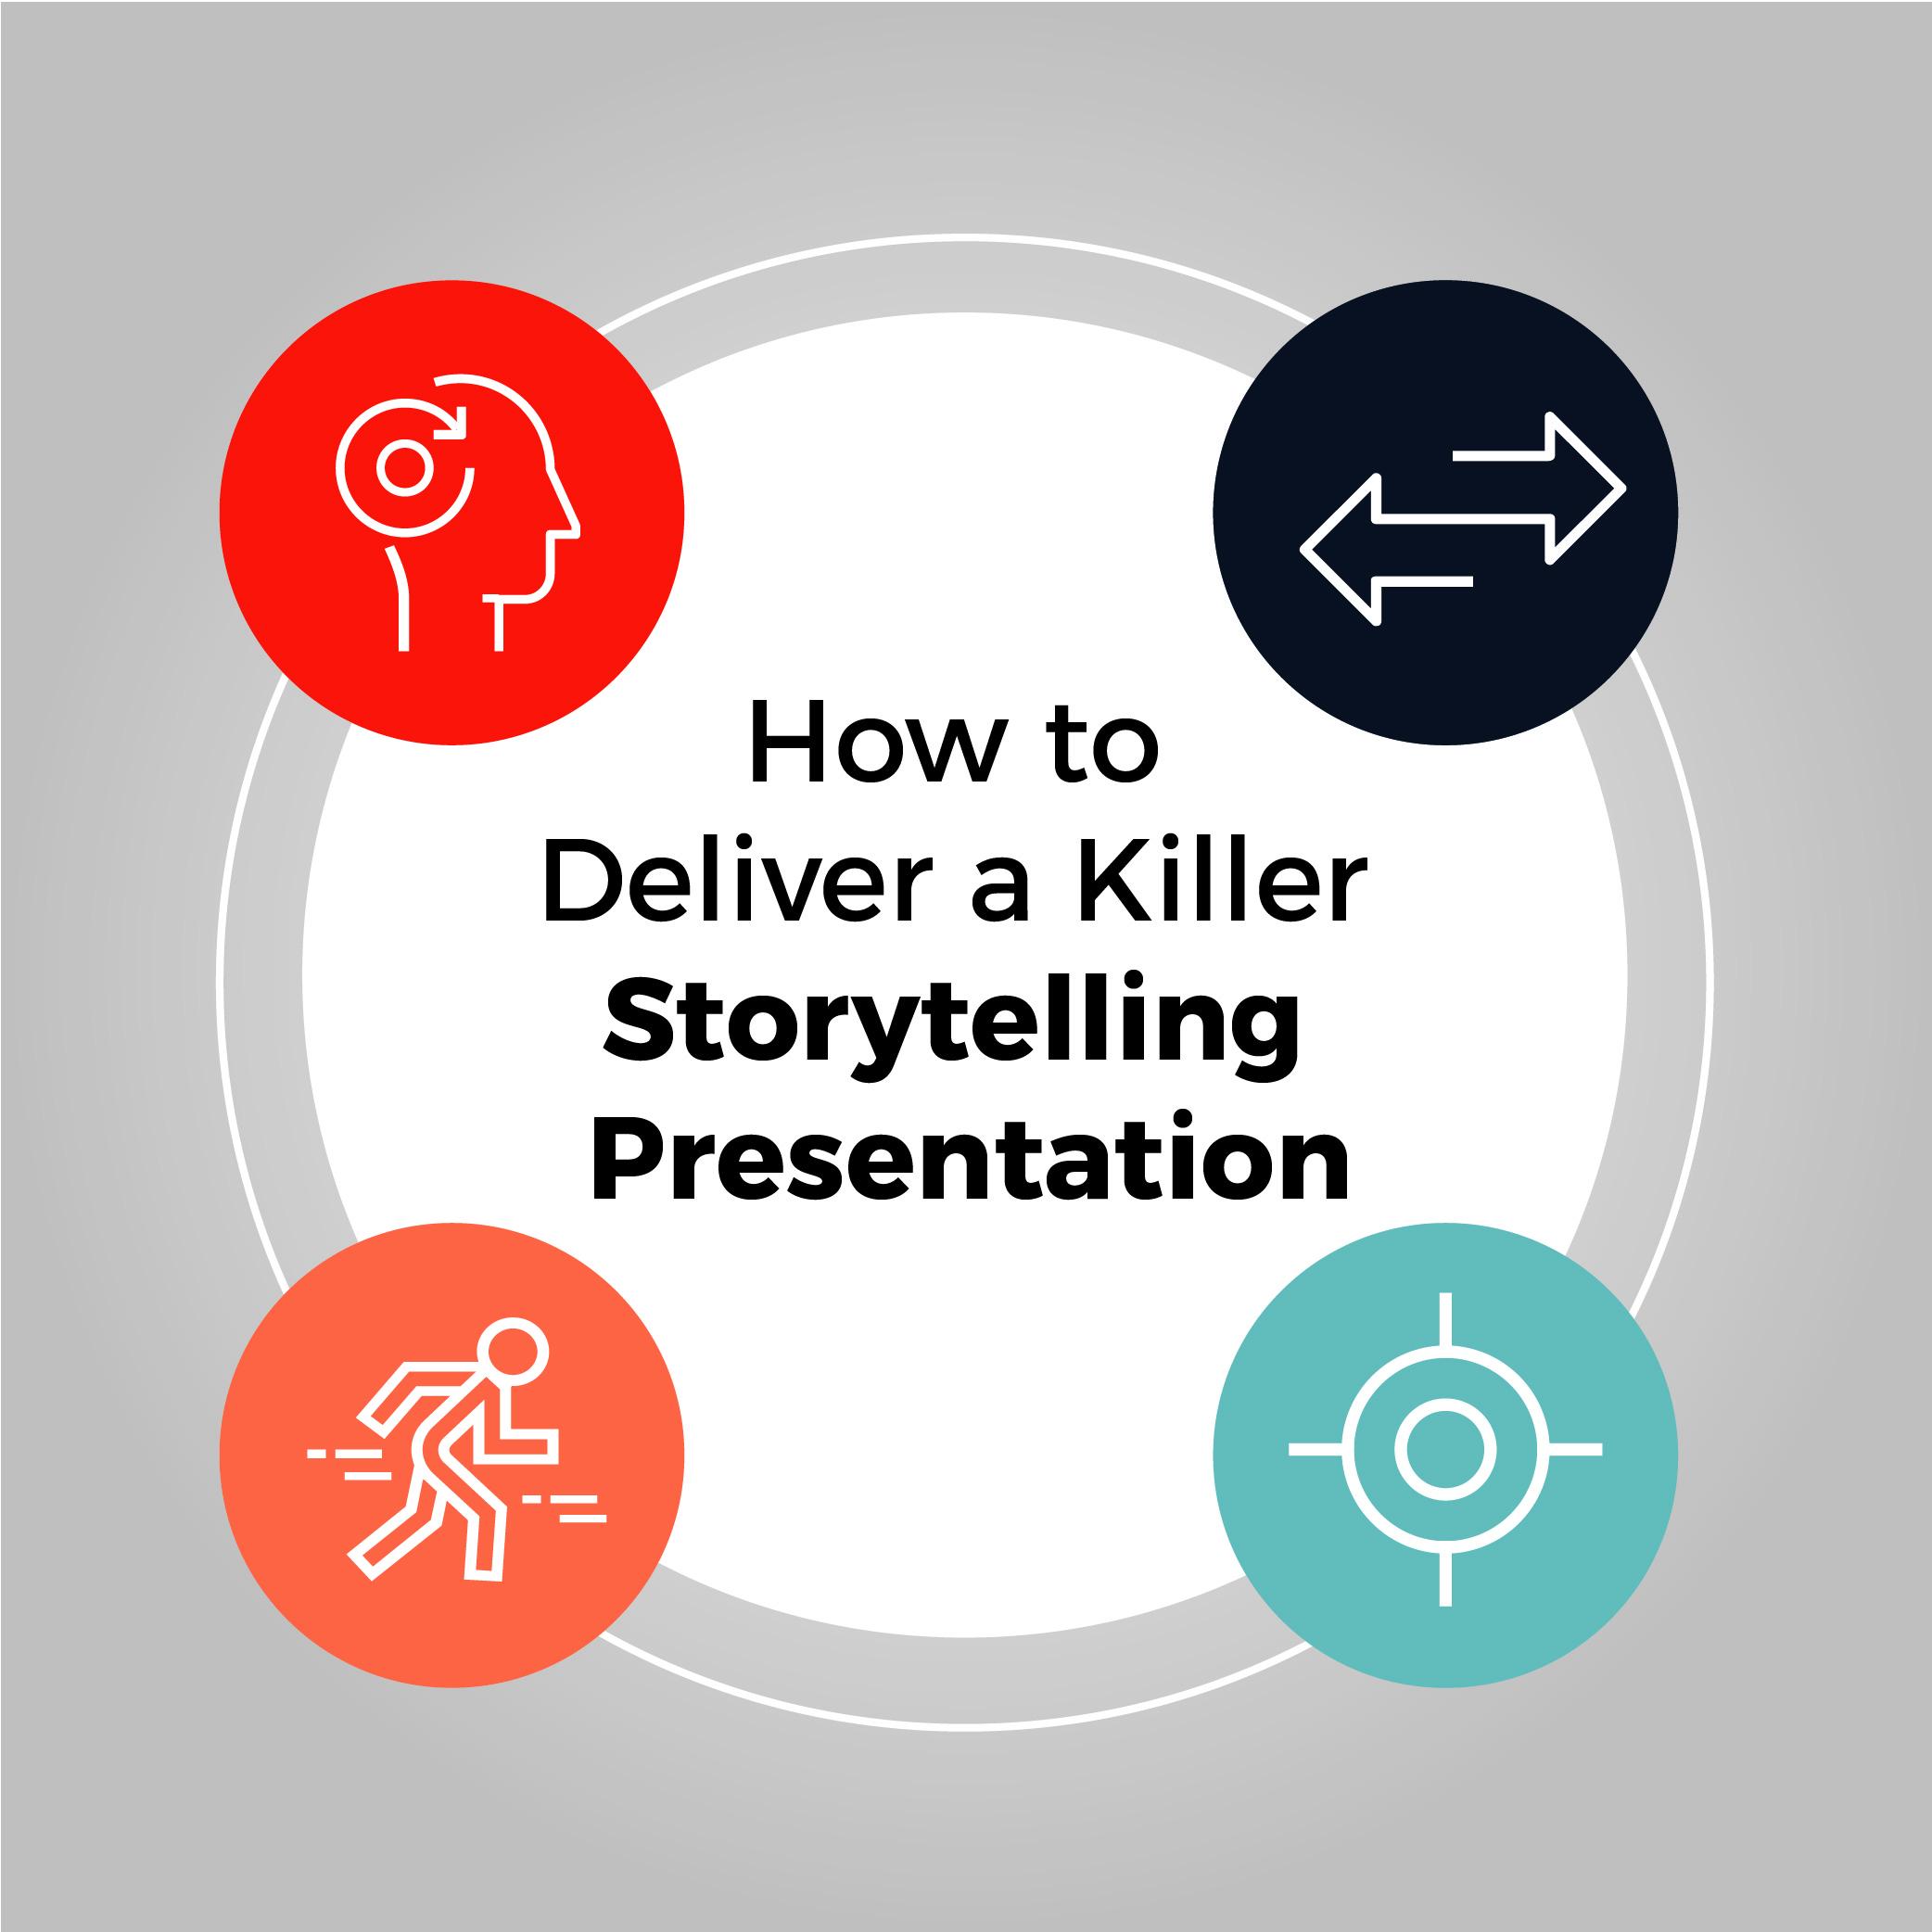 How to deliver a killer storytelling presentation